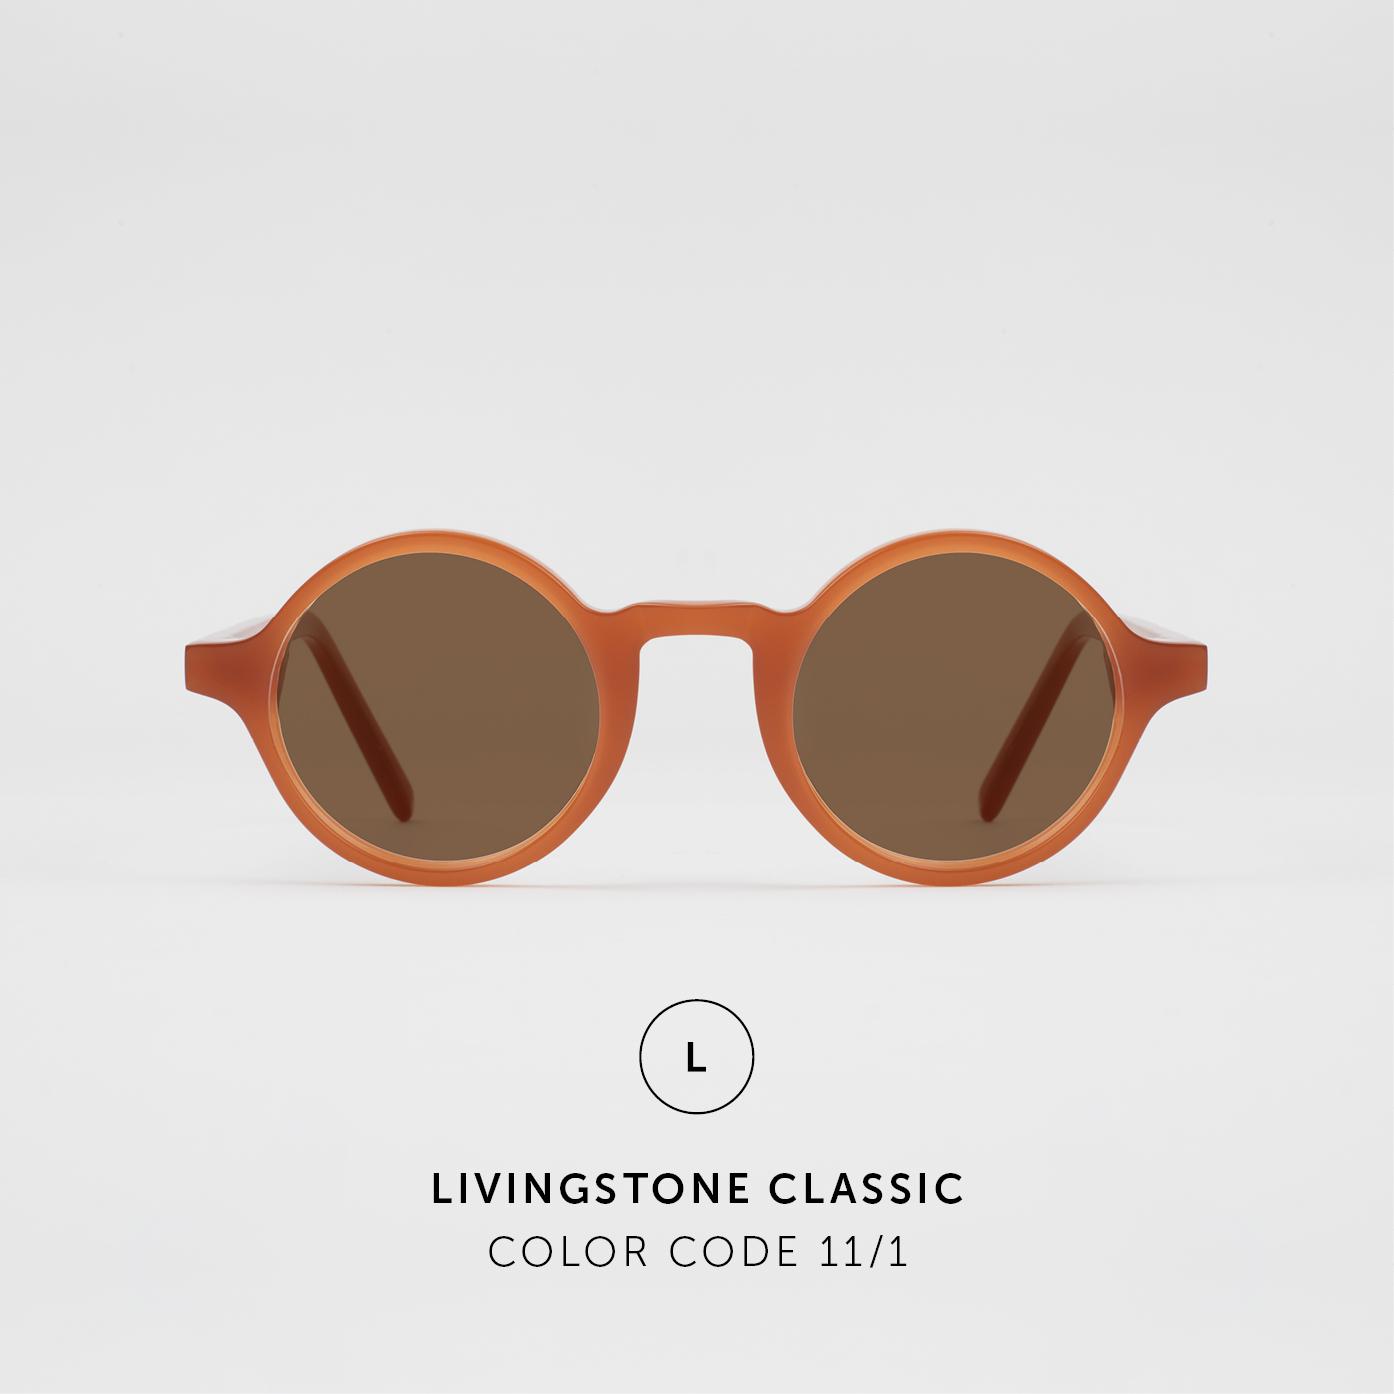 LivingstoneClassic50.jpg